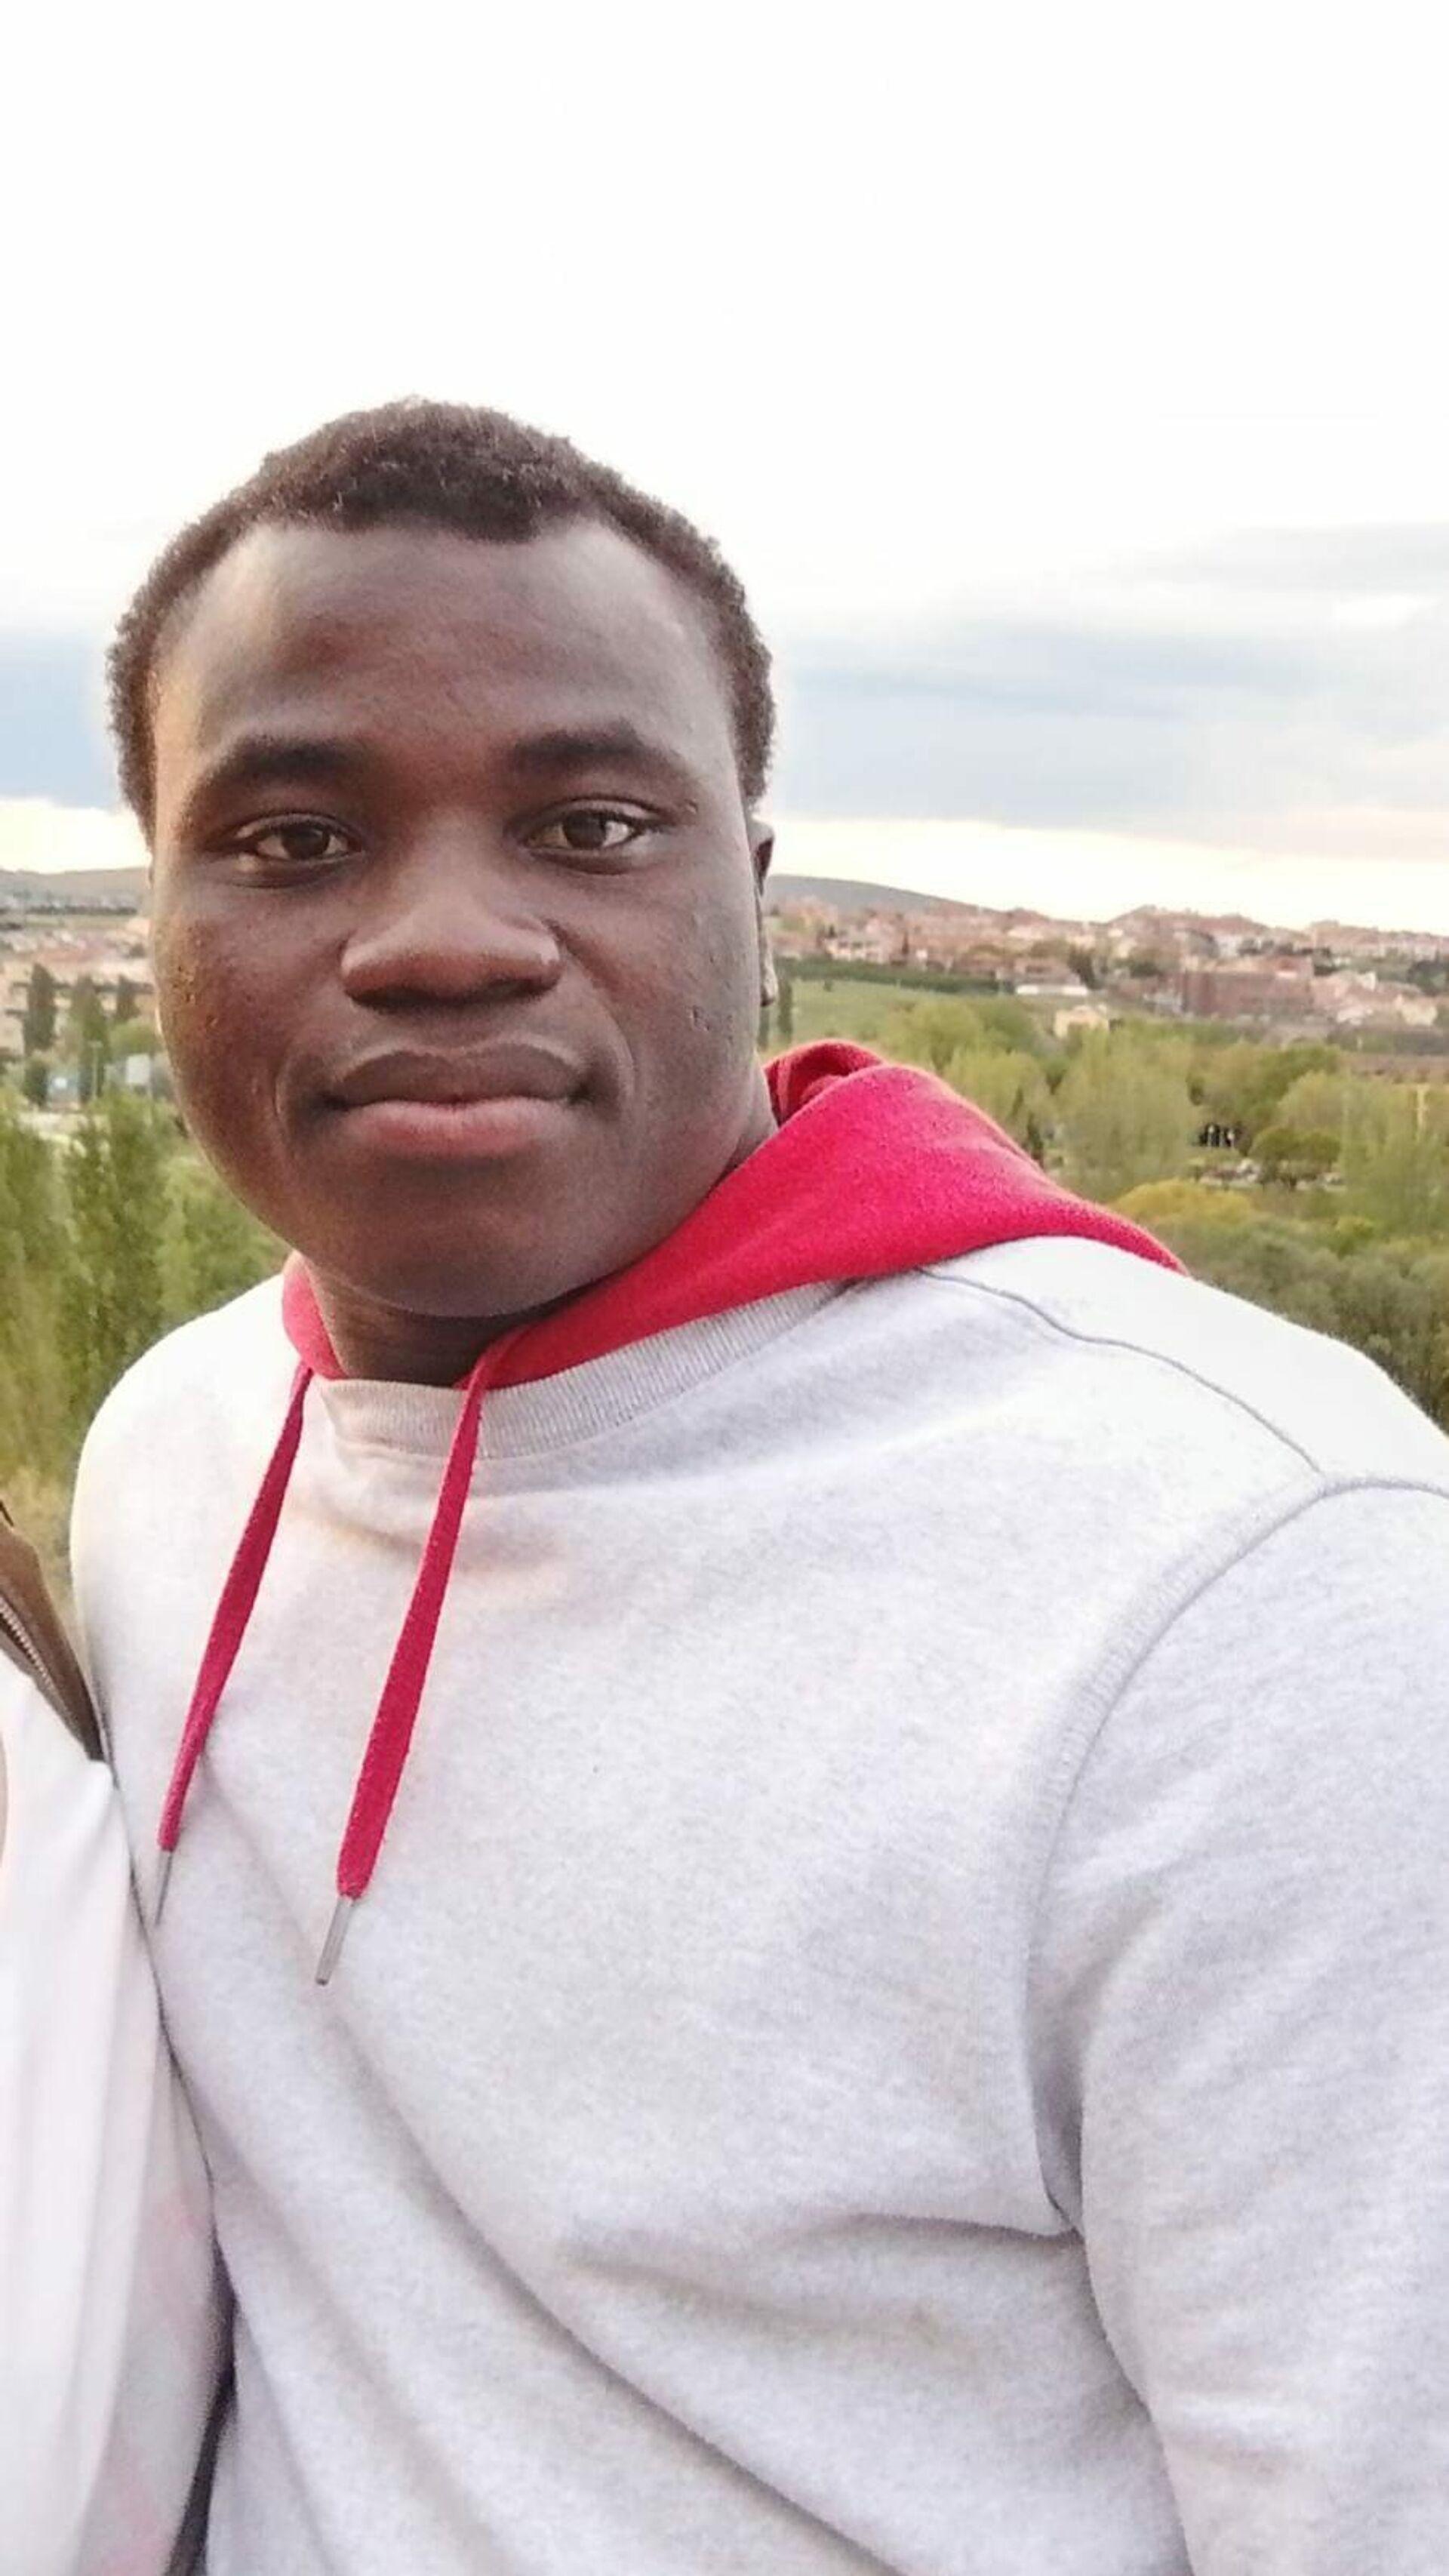 Alime Adjifile es de Ghana y tiene 20 años. Llegó a España siendo menor de edad - Sputnik Mundo, 1920, 20.05.2021